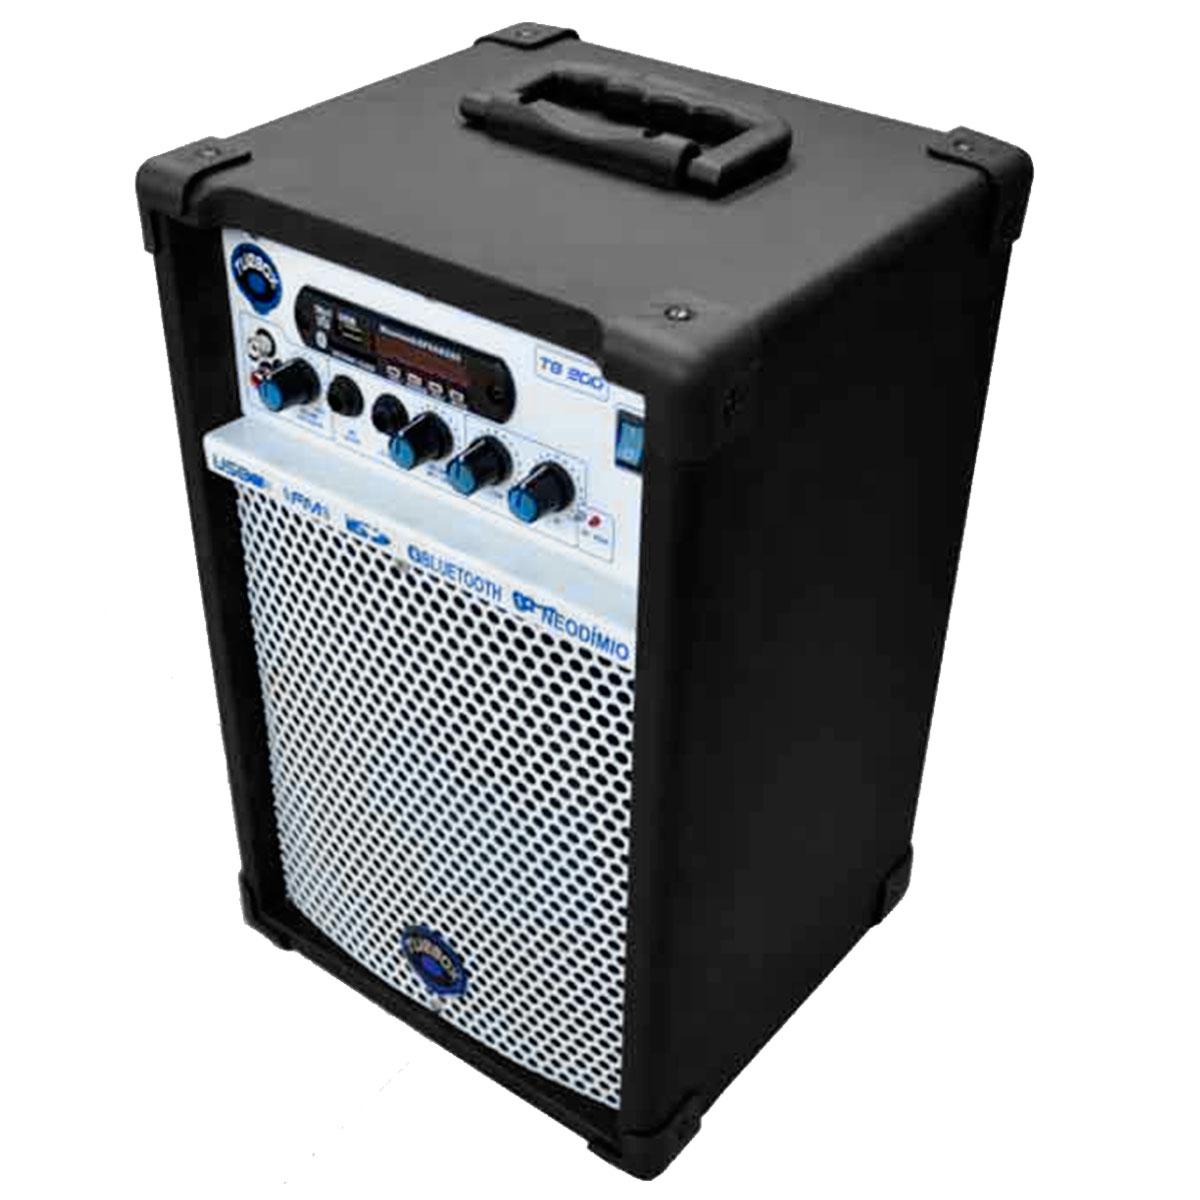 Cubo Multiuso Ativo 50W c/ Bluetooth e USB TB 300 Preto - Turbox